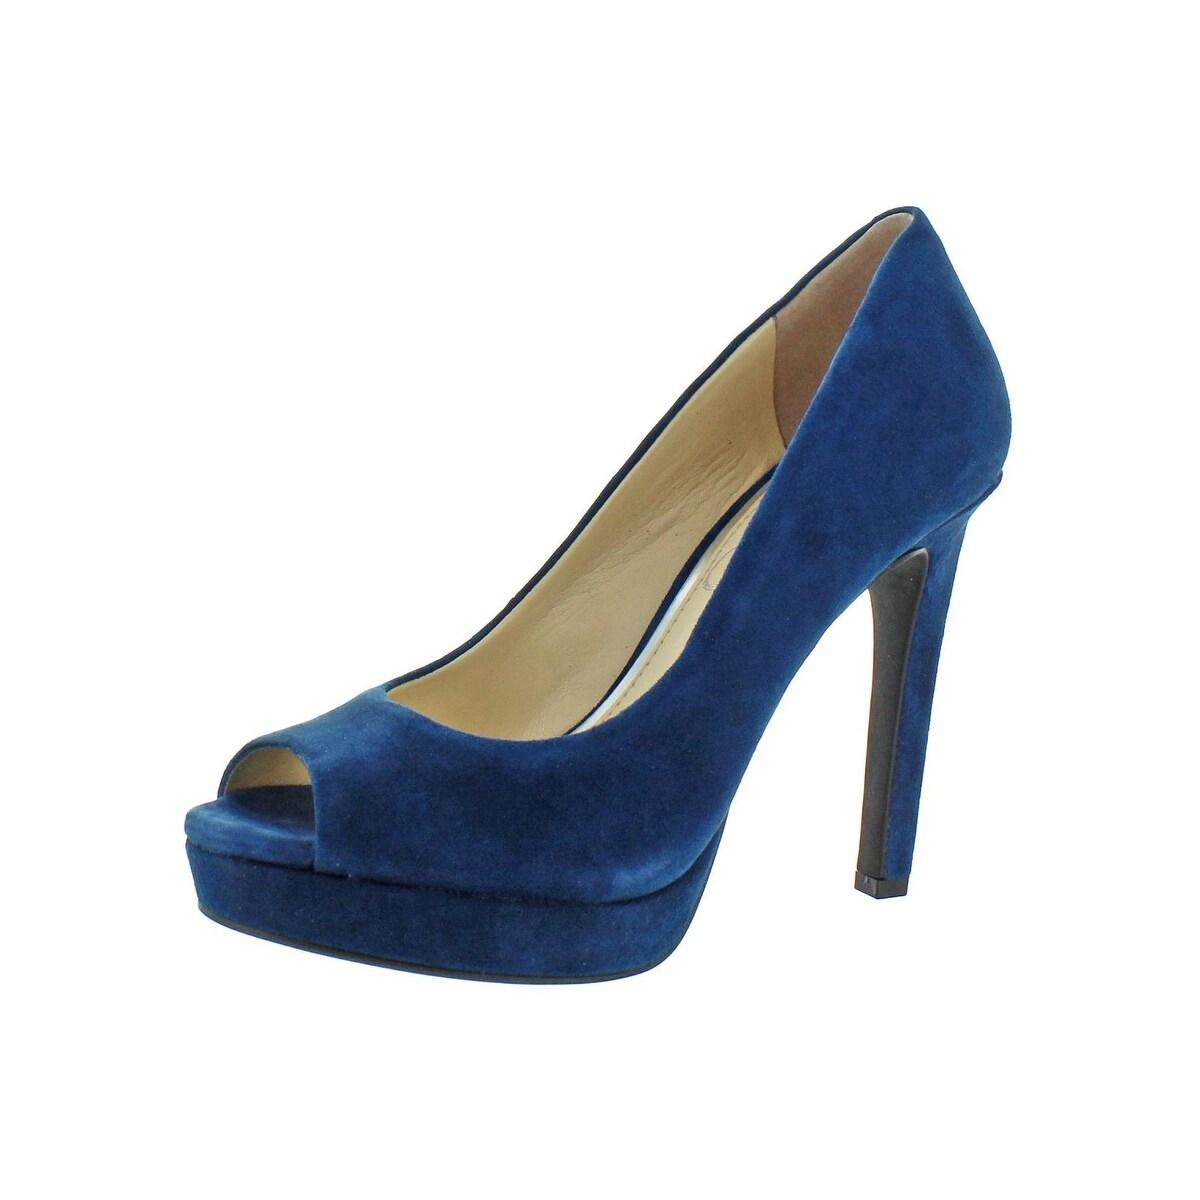 7da7eaf2f Size 5.5 Jessica Simpson Shoes | Shop our Best Clothing & Shoes ...